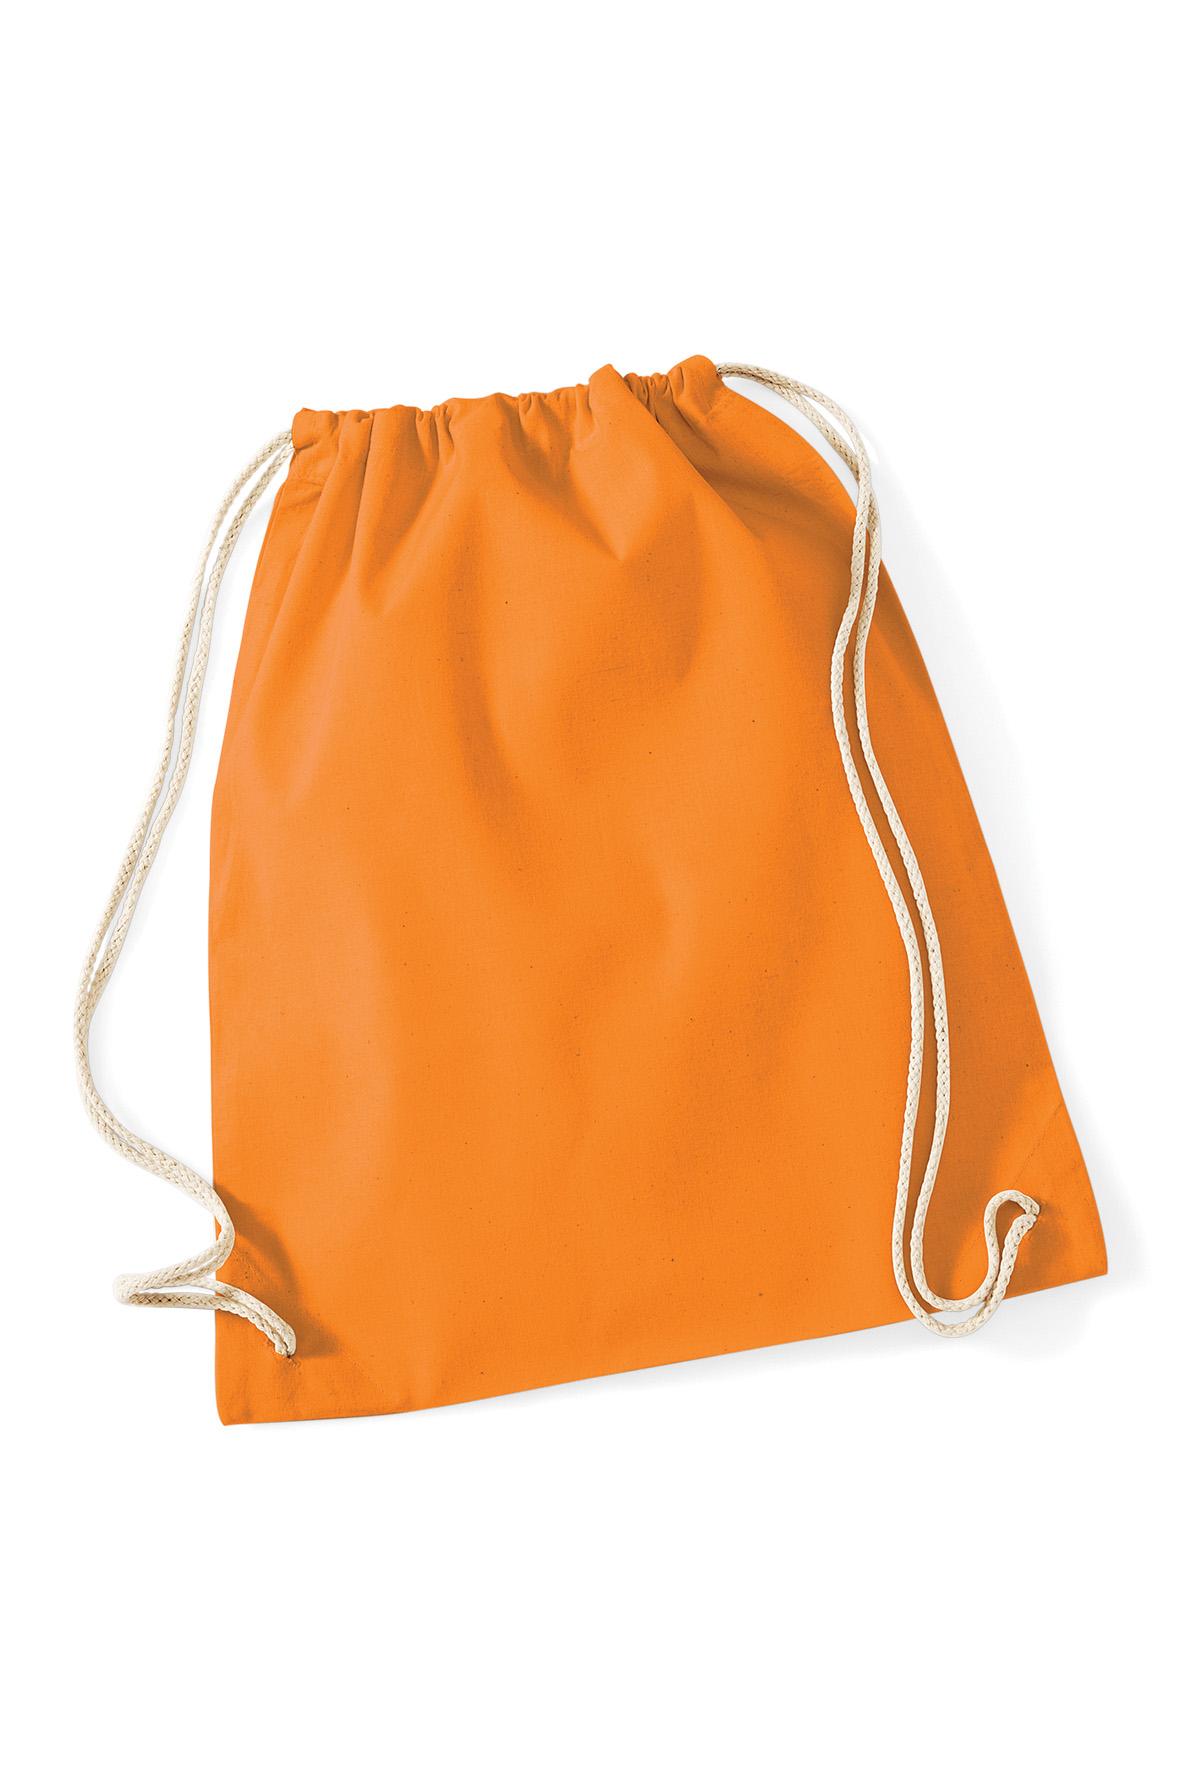 Puuvilla Jumppareppu Oranssi